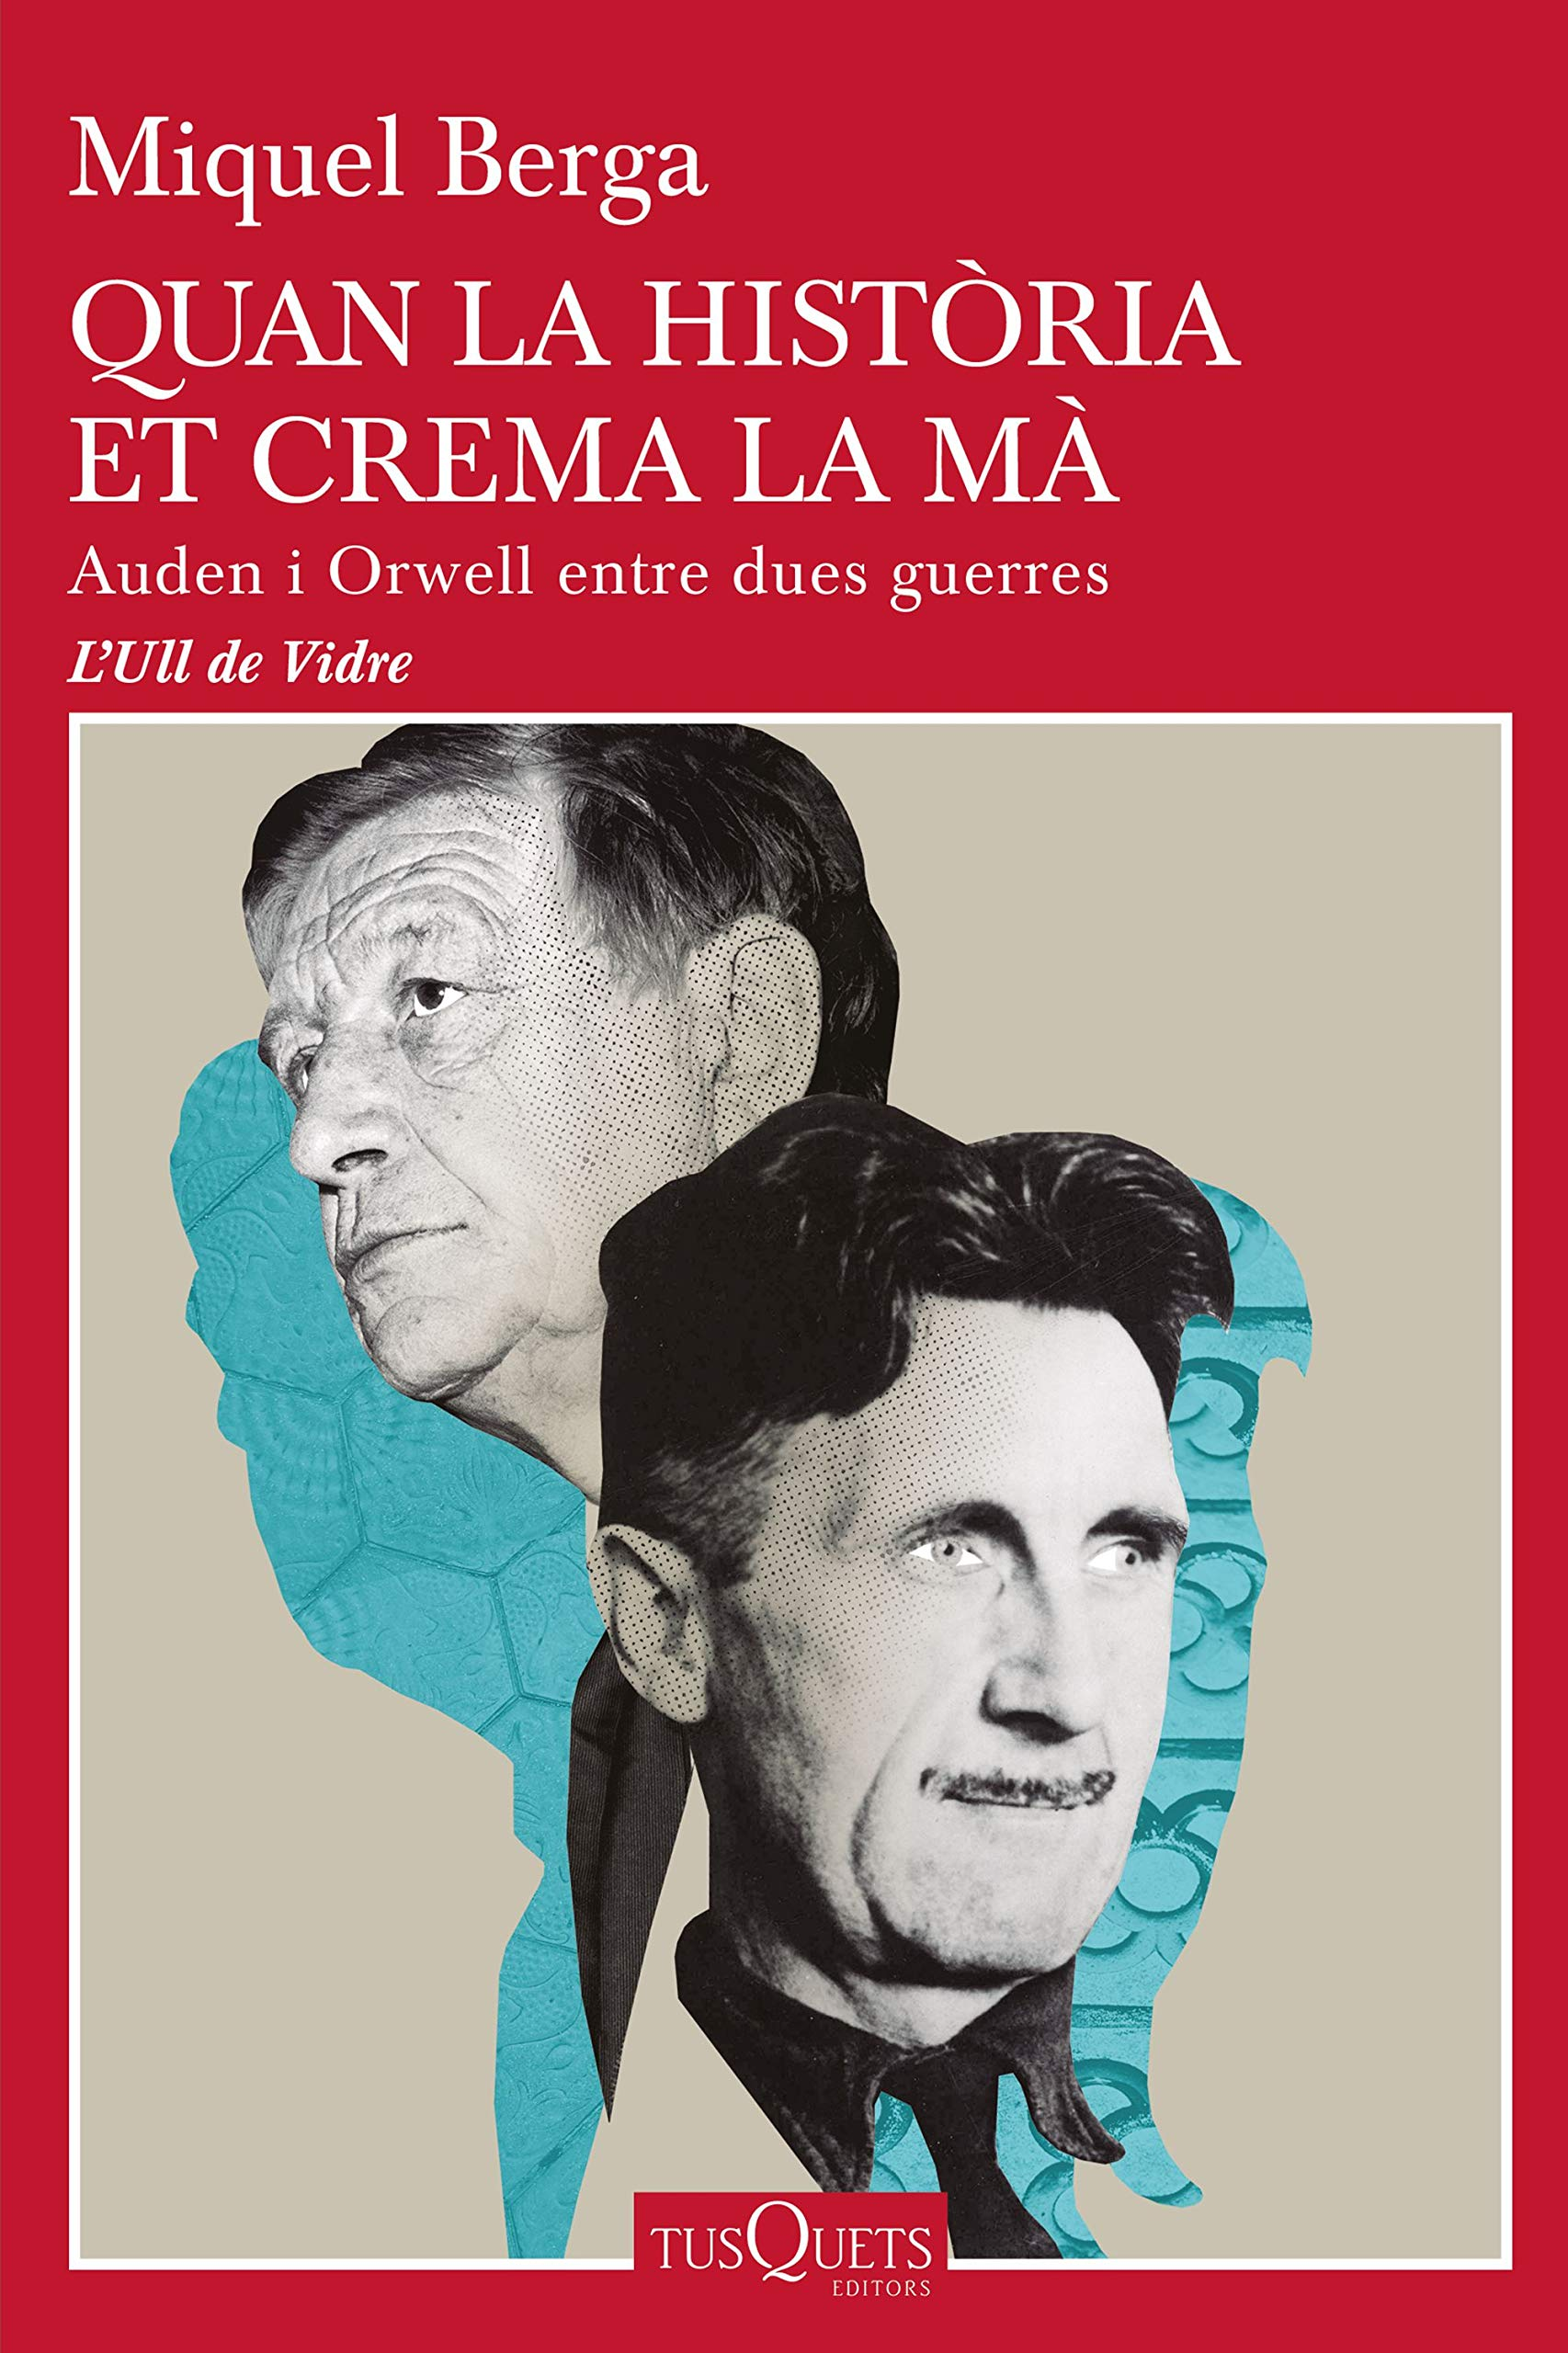 Quan la història et crema la mà: Auden i Orwell entre dues guerres ...